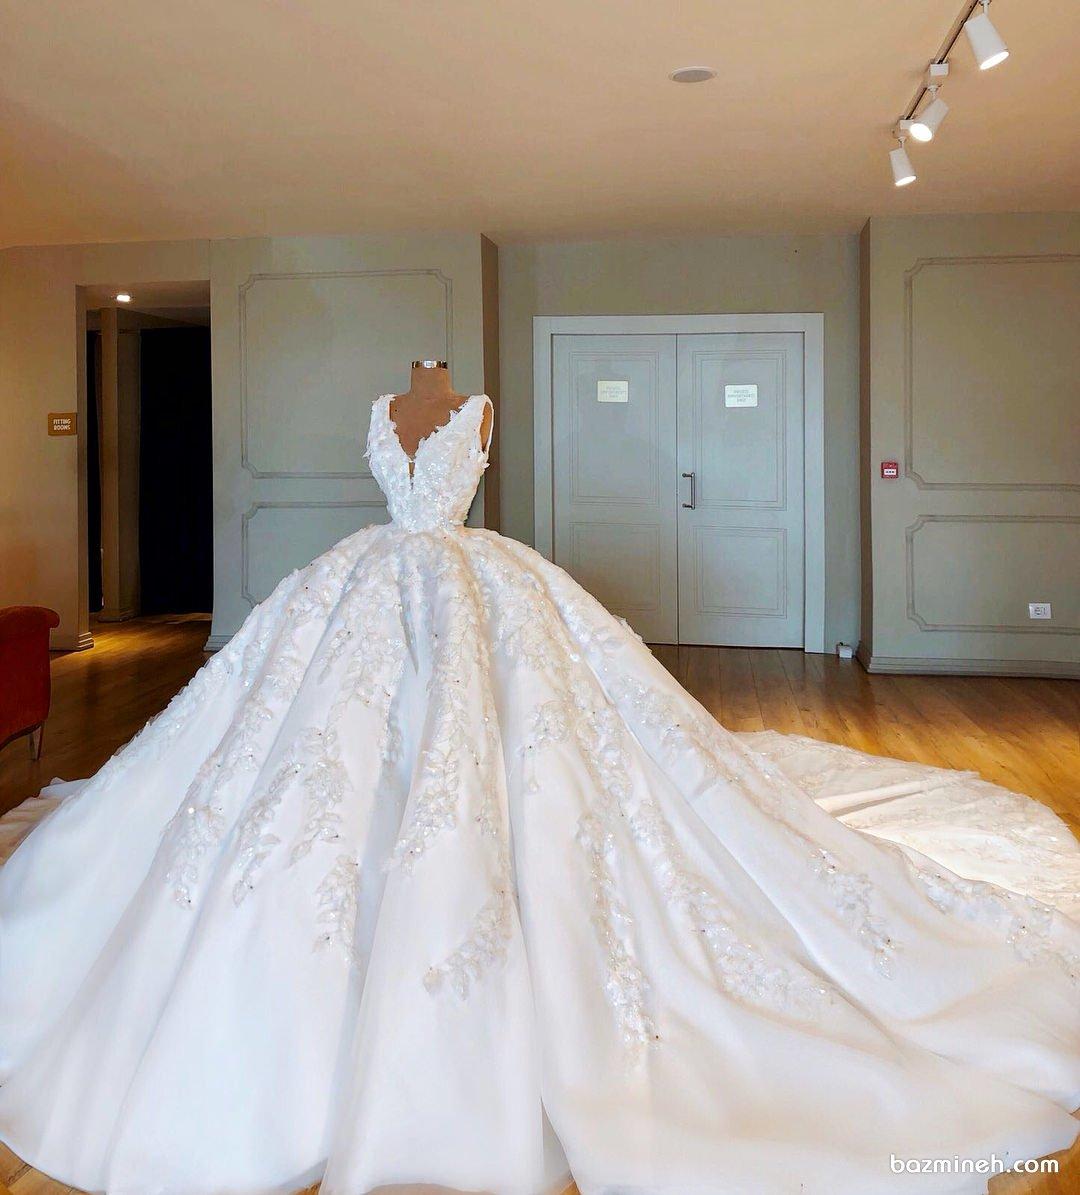 لباس عروس شیک و زیبا با دامن پفی دنباله دار مناسب برای عروس خانم های خوش اندام